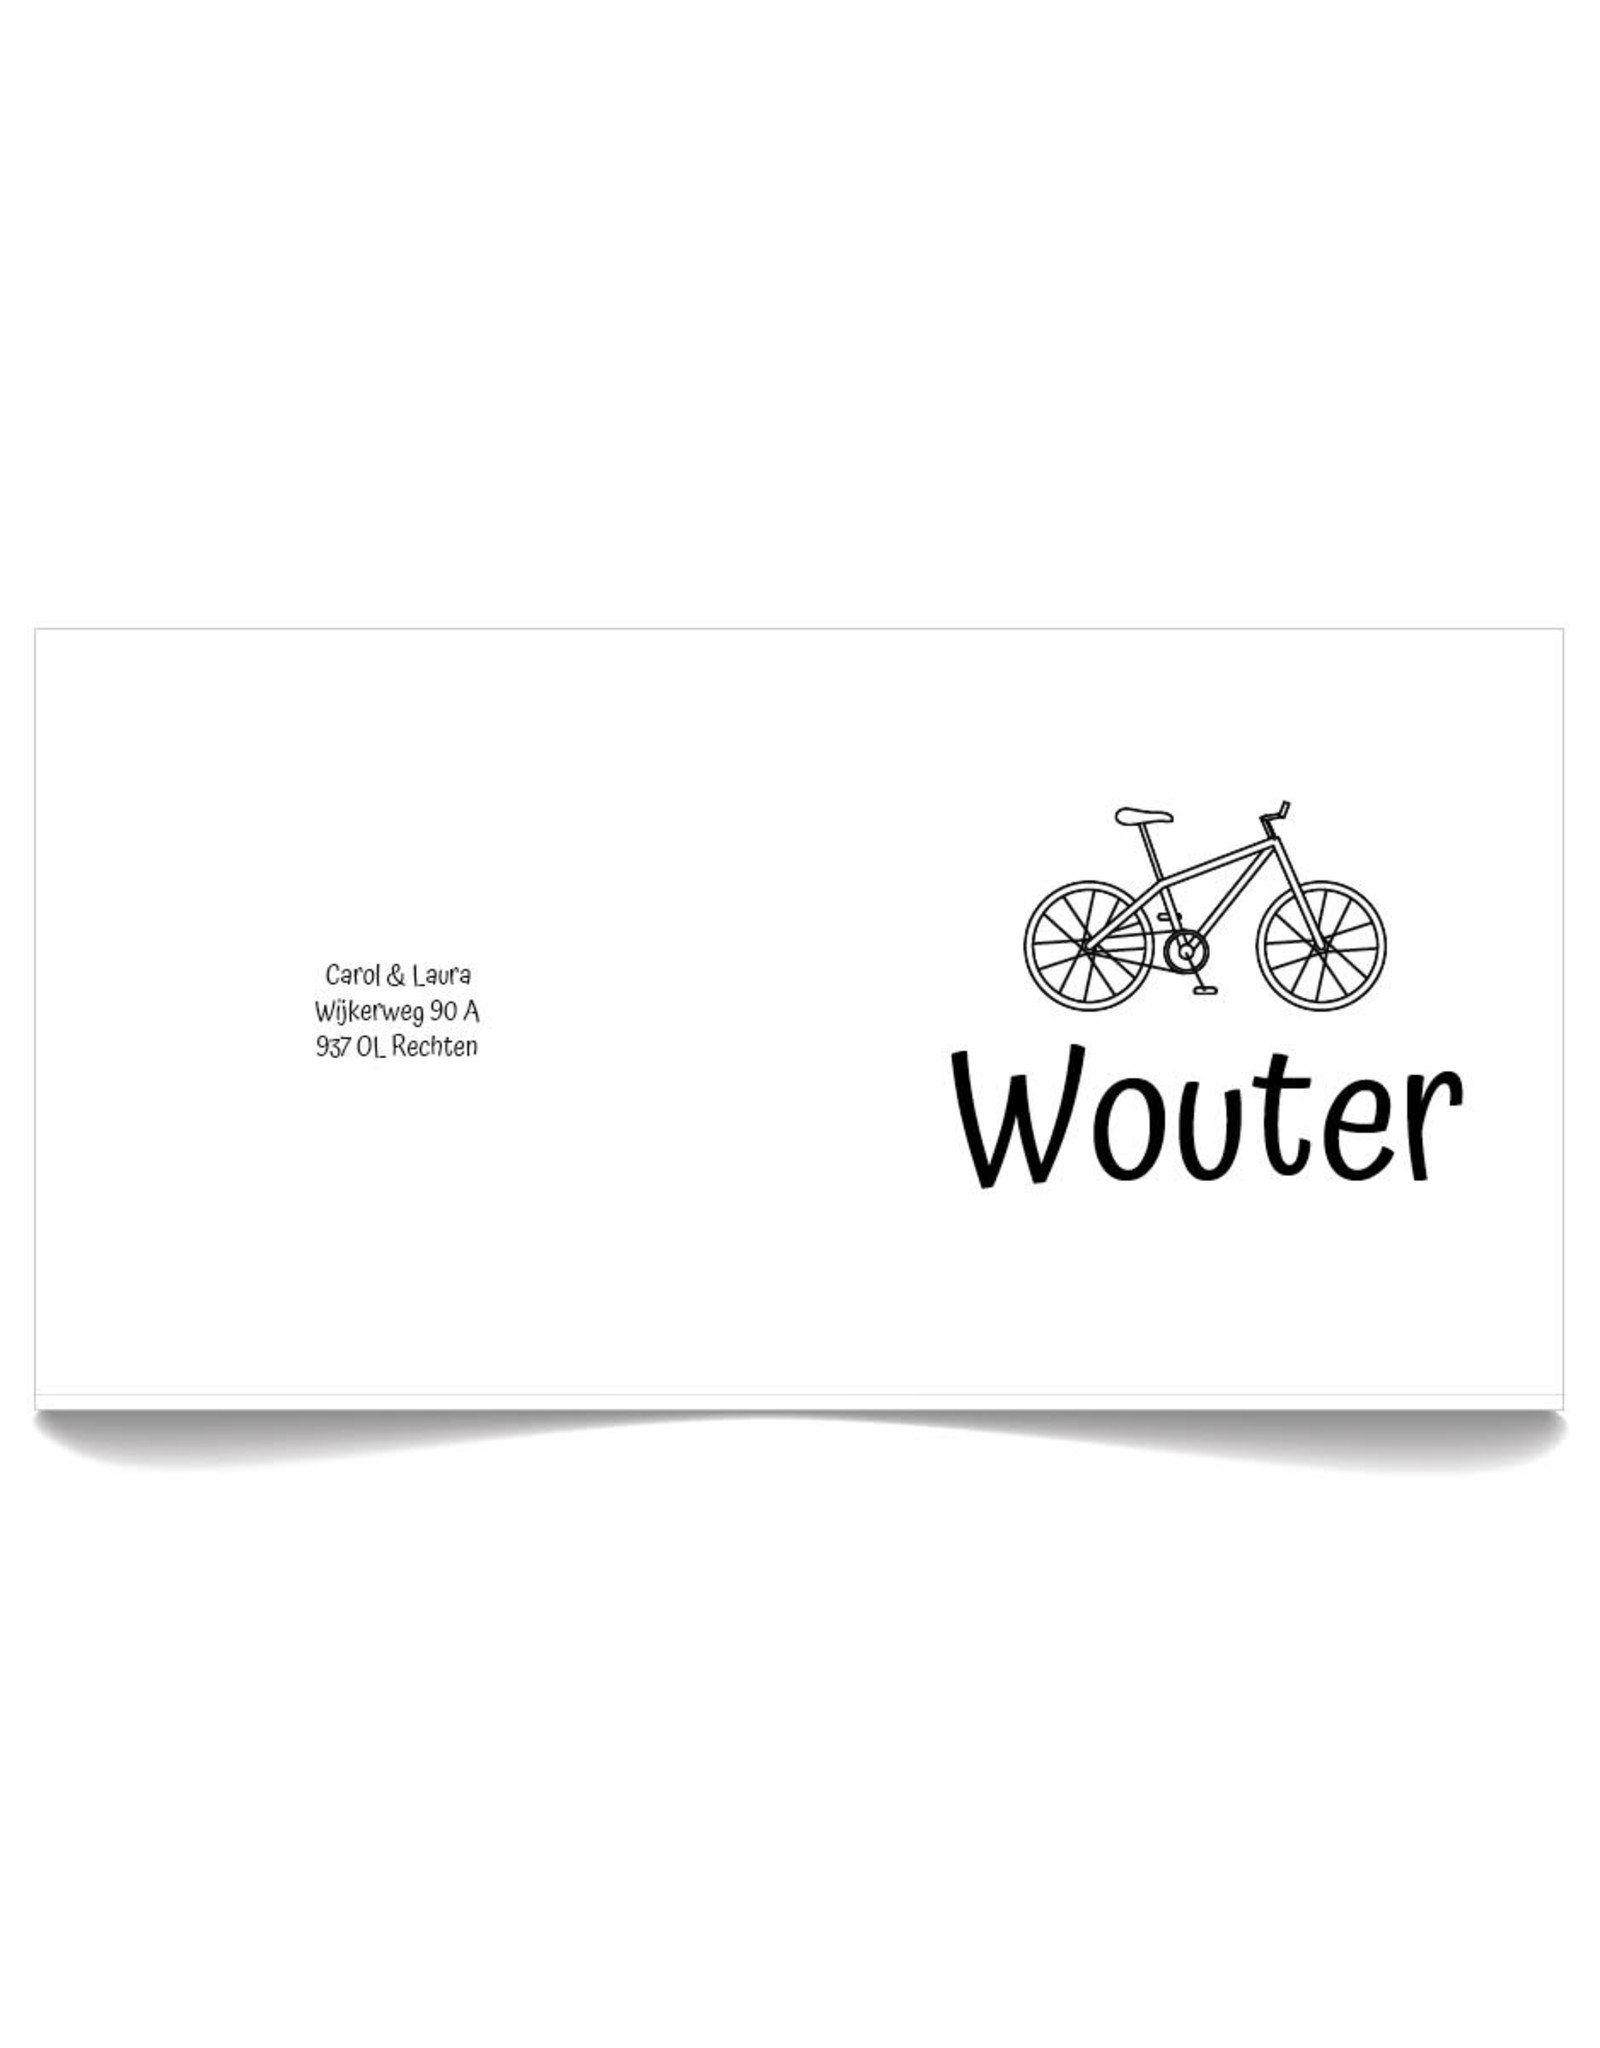 www.Robin.cards Geboortekaartje Oud Hollands gevouwen WOUTER